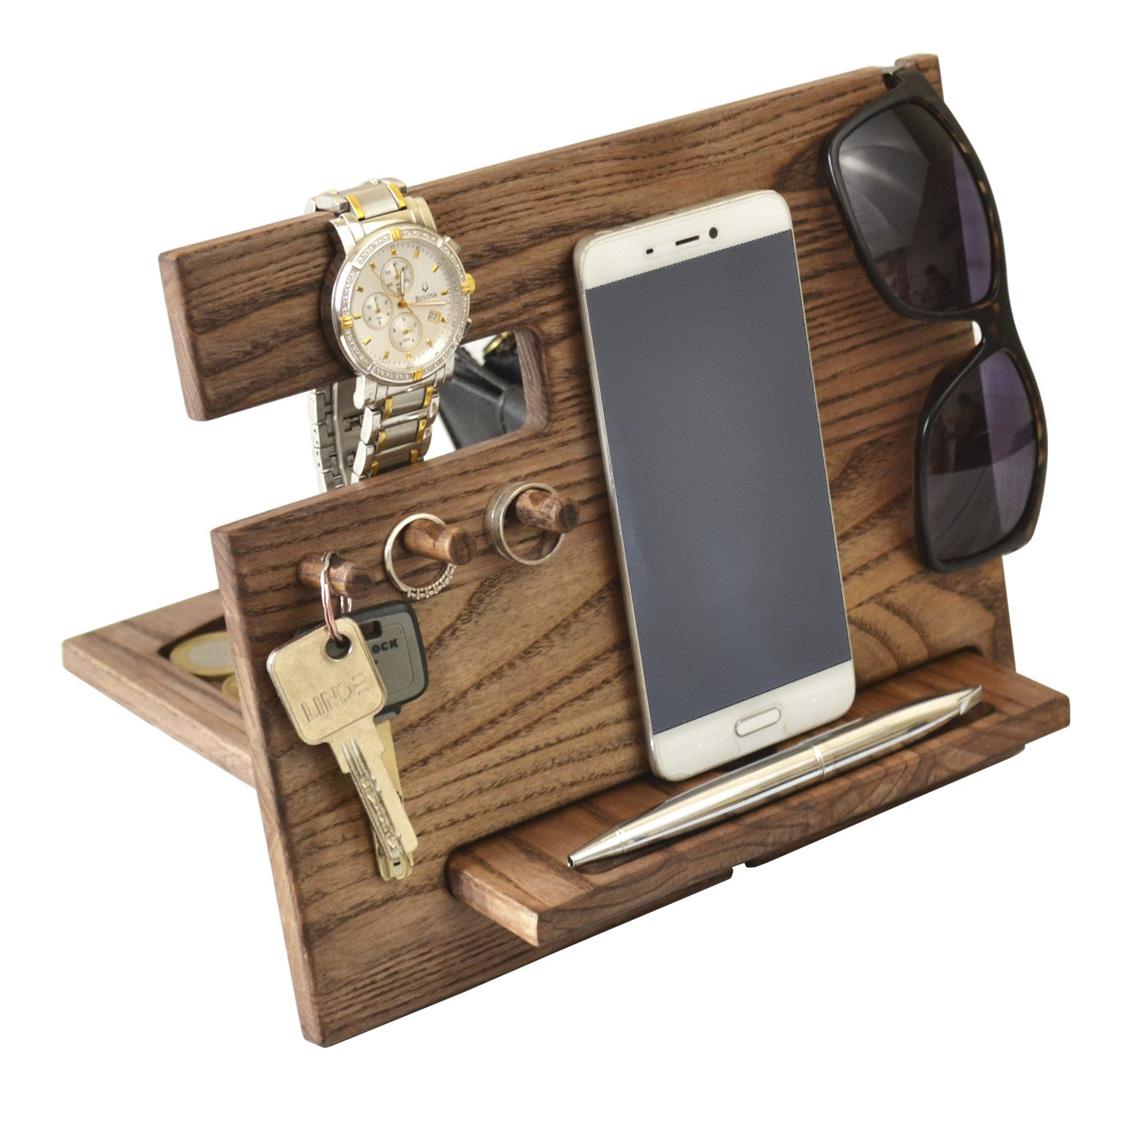 Buy Wood Phone Docking Station Ash Desk Organizer Tablet